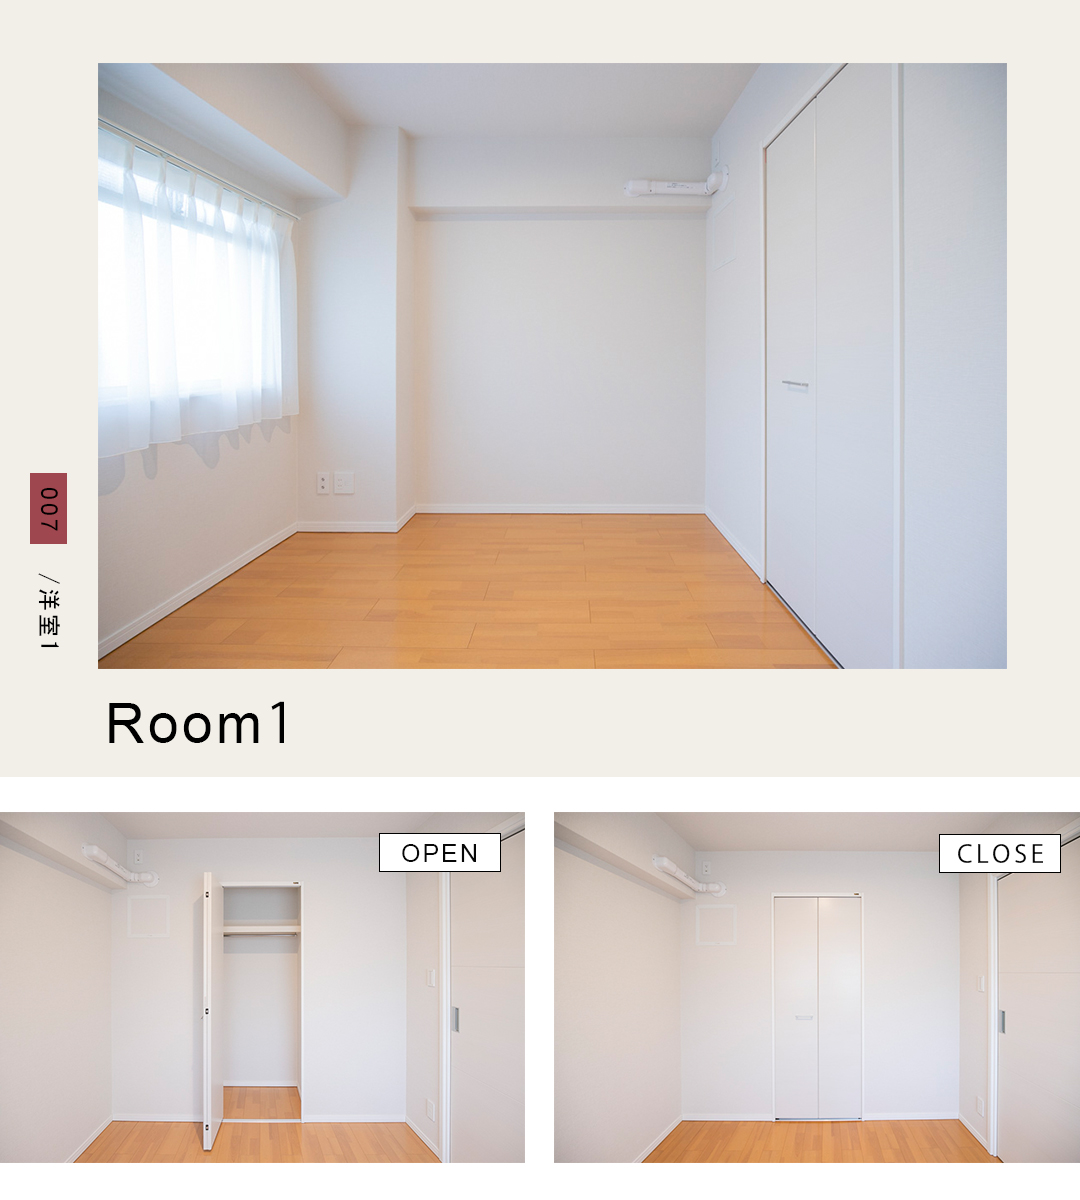 007,洋室1,Room1,,,,,,,,